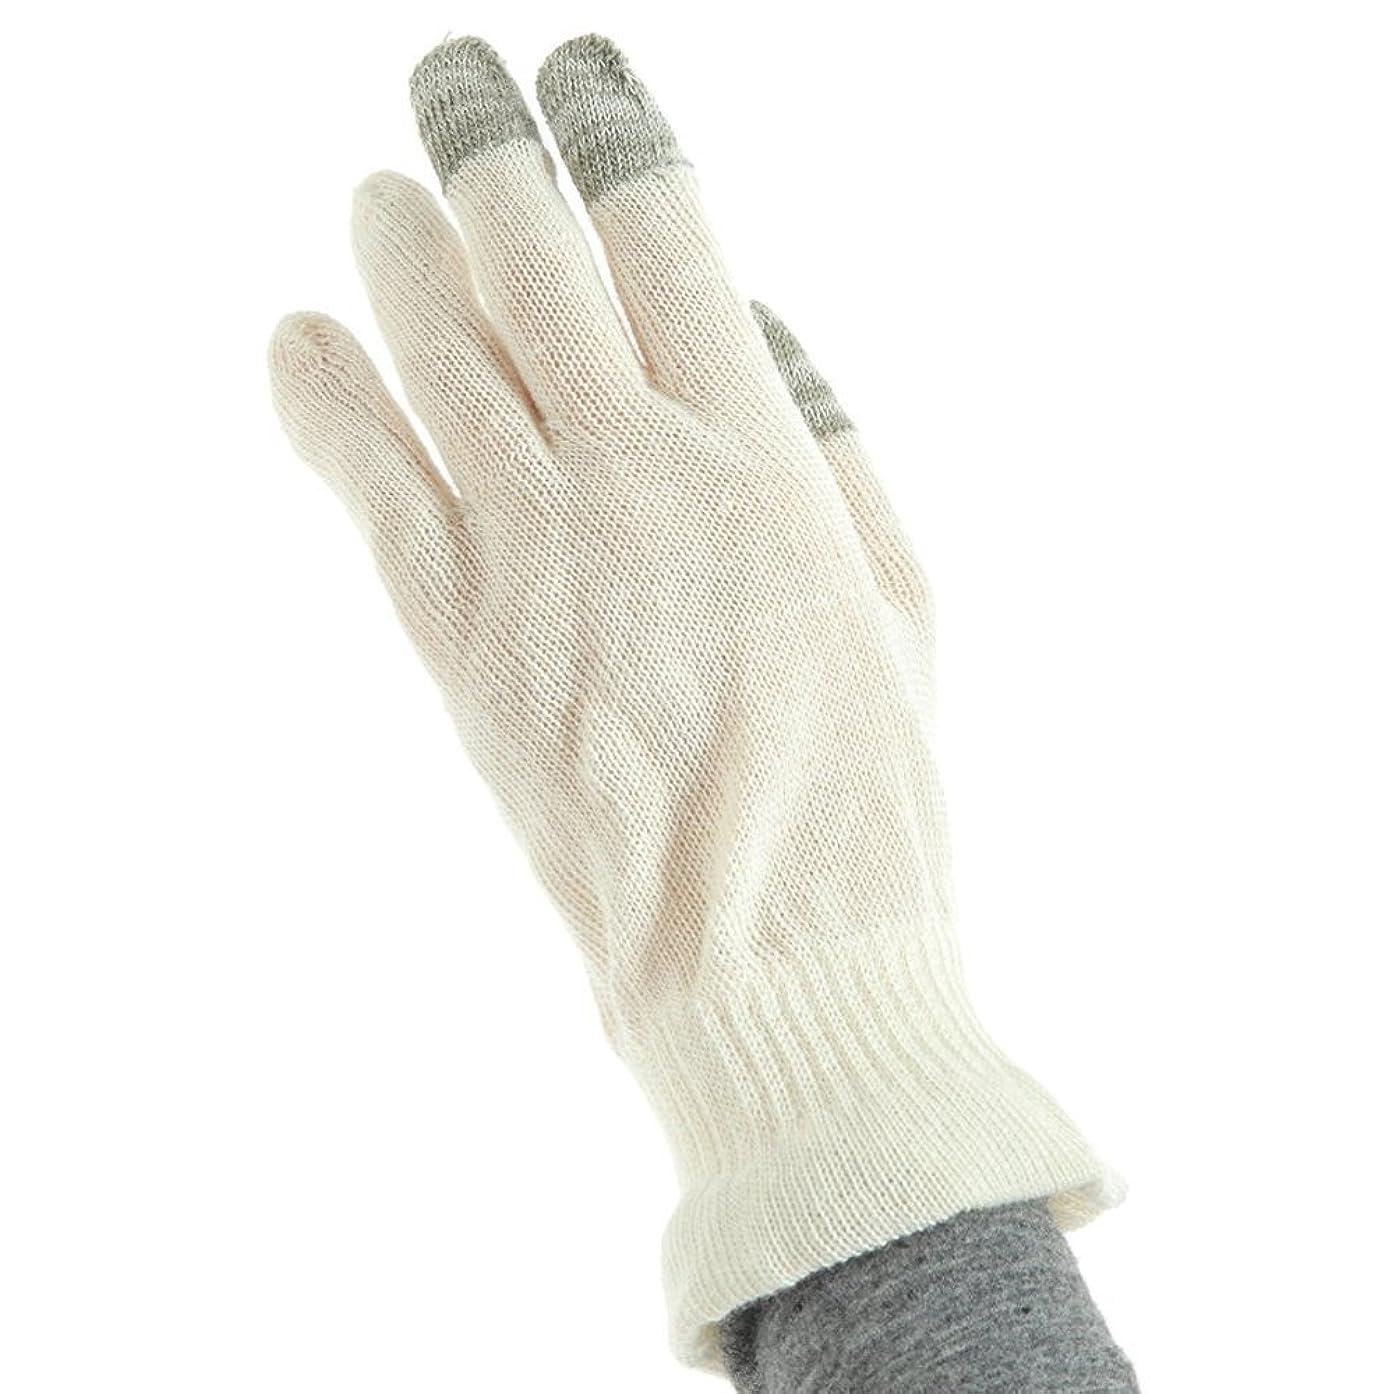 救出ピンポイント裁定麻福 ヘンプ おやすみ 手袋 スマホ対応 男性用 L きなり 天然 ヘンプ素材 (麻) タッチパネル スマートフォン対応 肌に優しい 乾燥対策